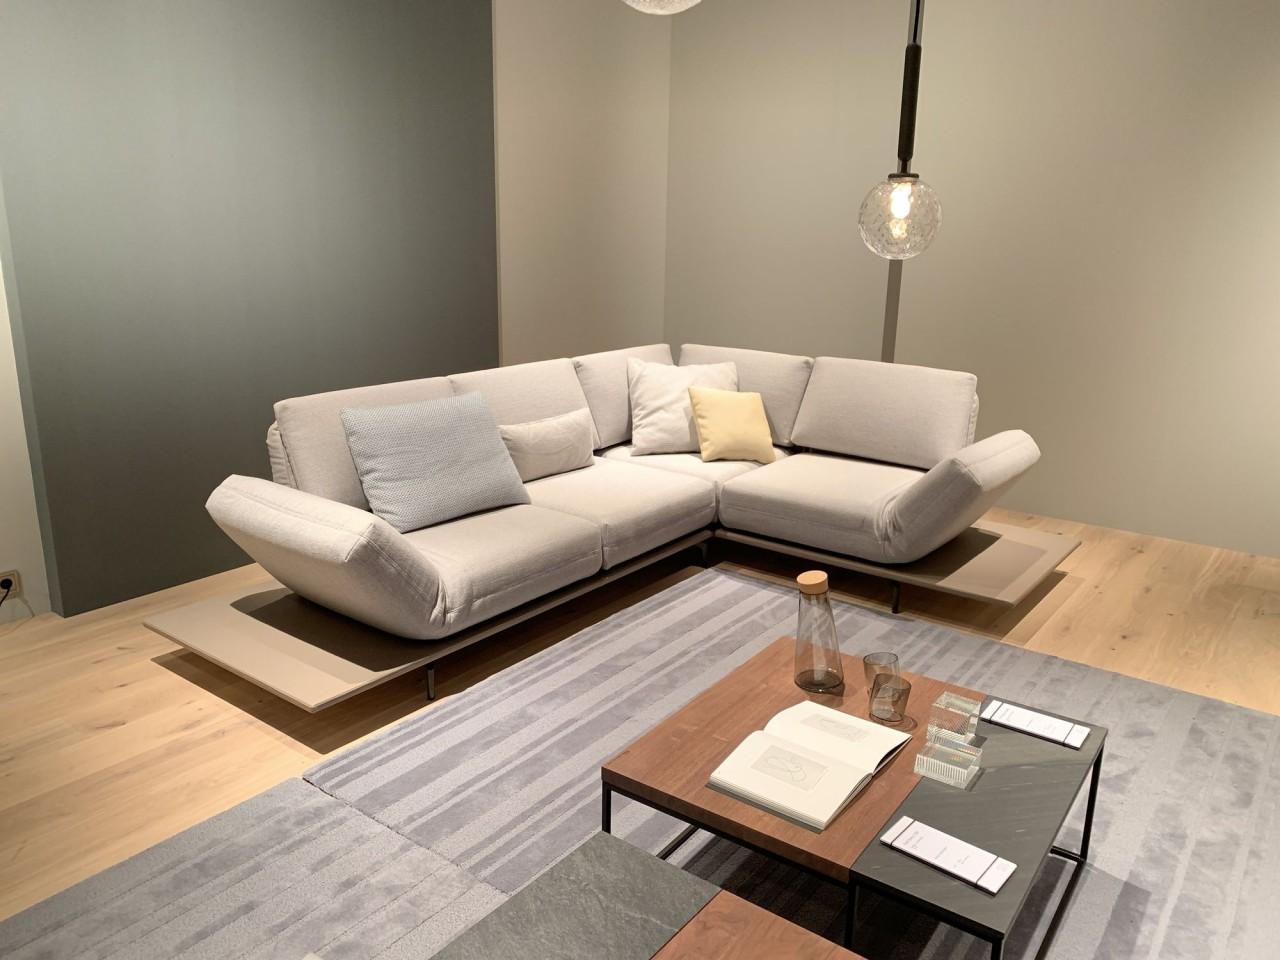 rolf benz aura ecksofa mit plattform in leder und drehsitzen in edlen stoffbezug rolf benz. Black Bedroom Furniture Sets. Home Design Ideas